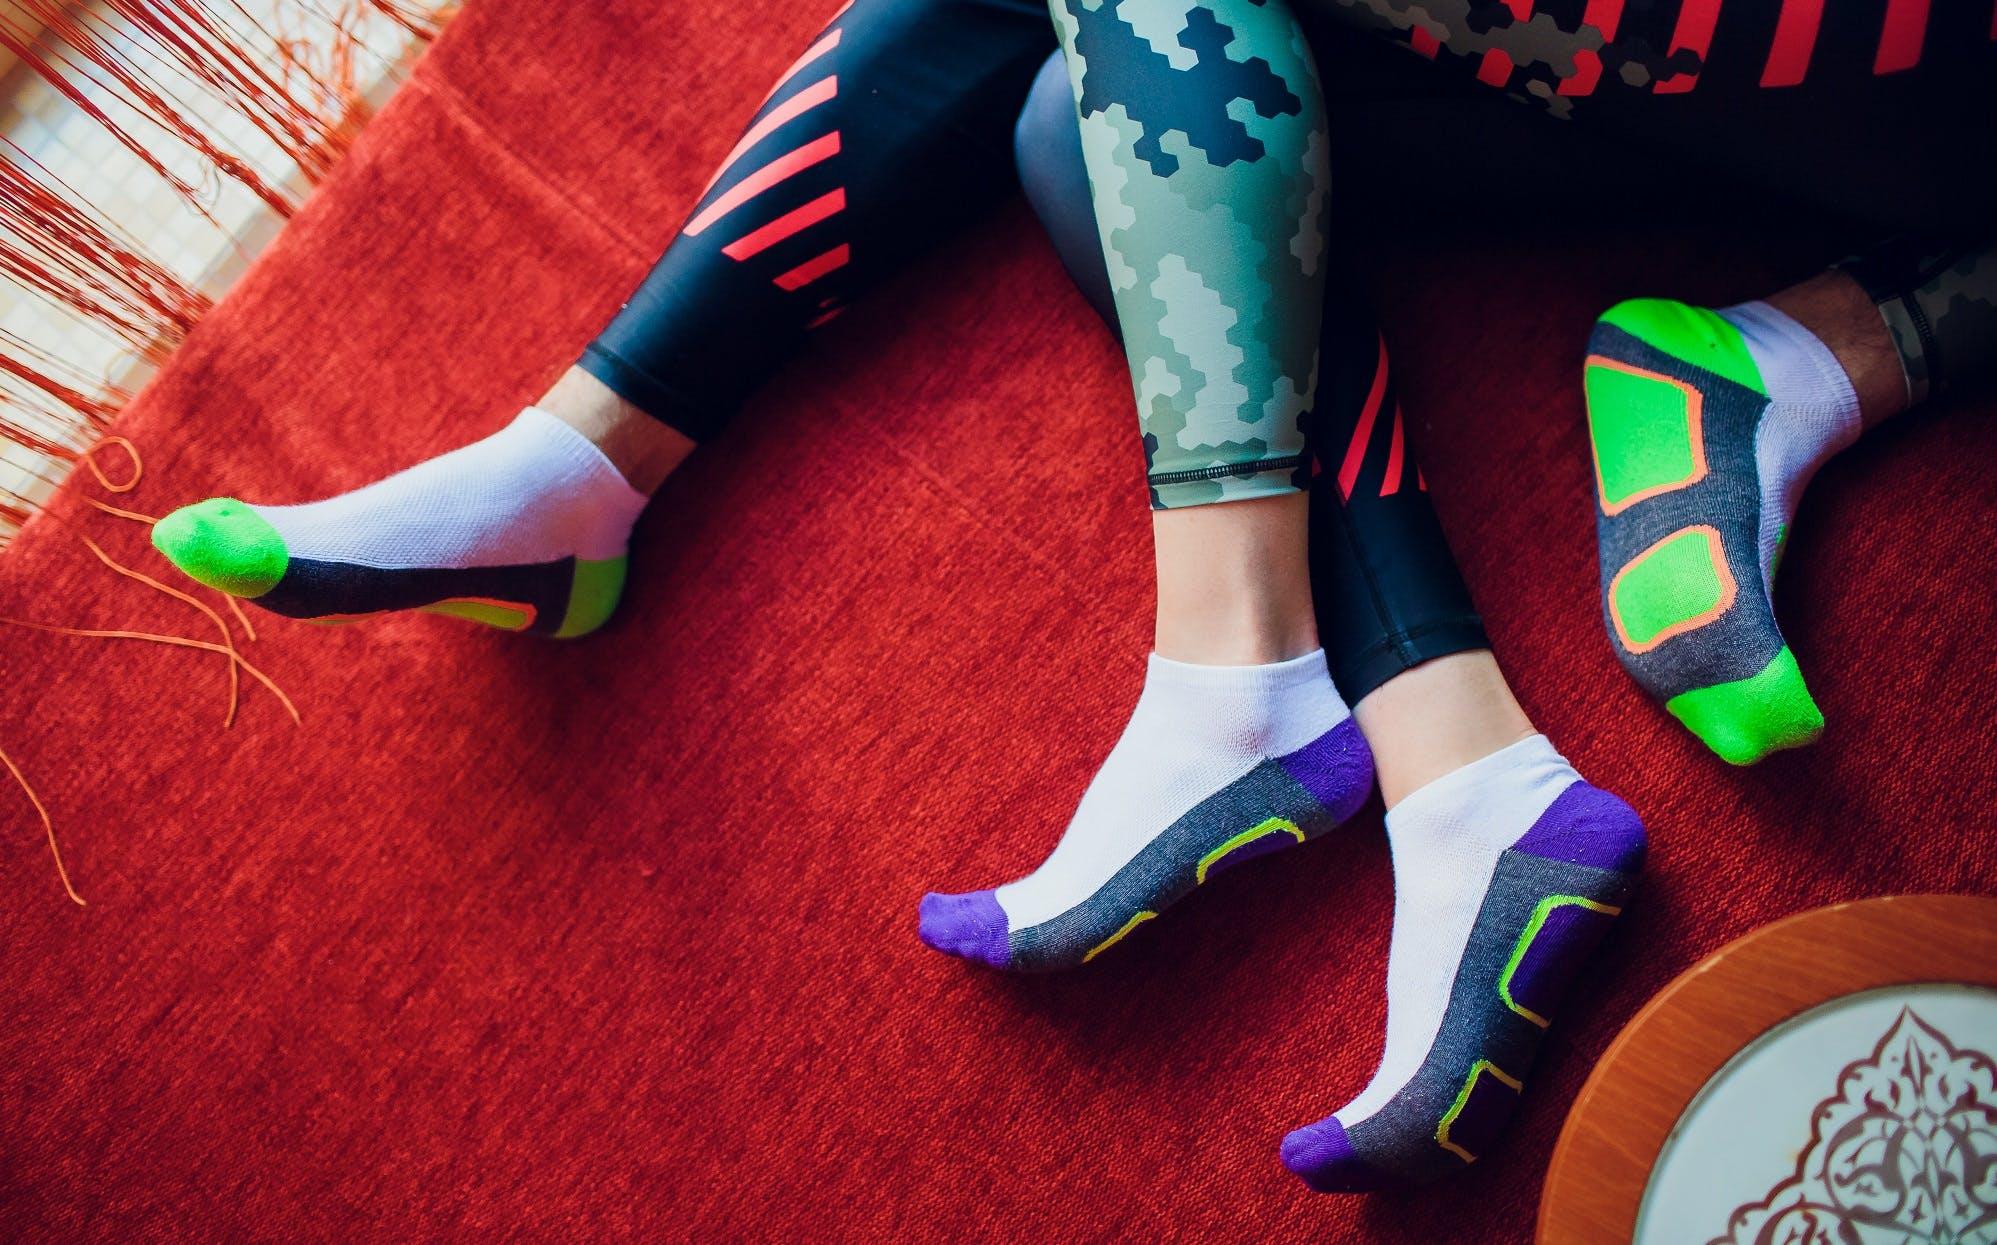 Αθλητικές κάλτσες: Το ίδιο σημαντικές με τα αθλητικά μας παπούτσια